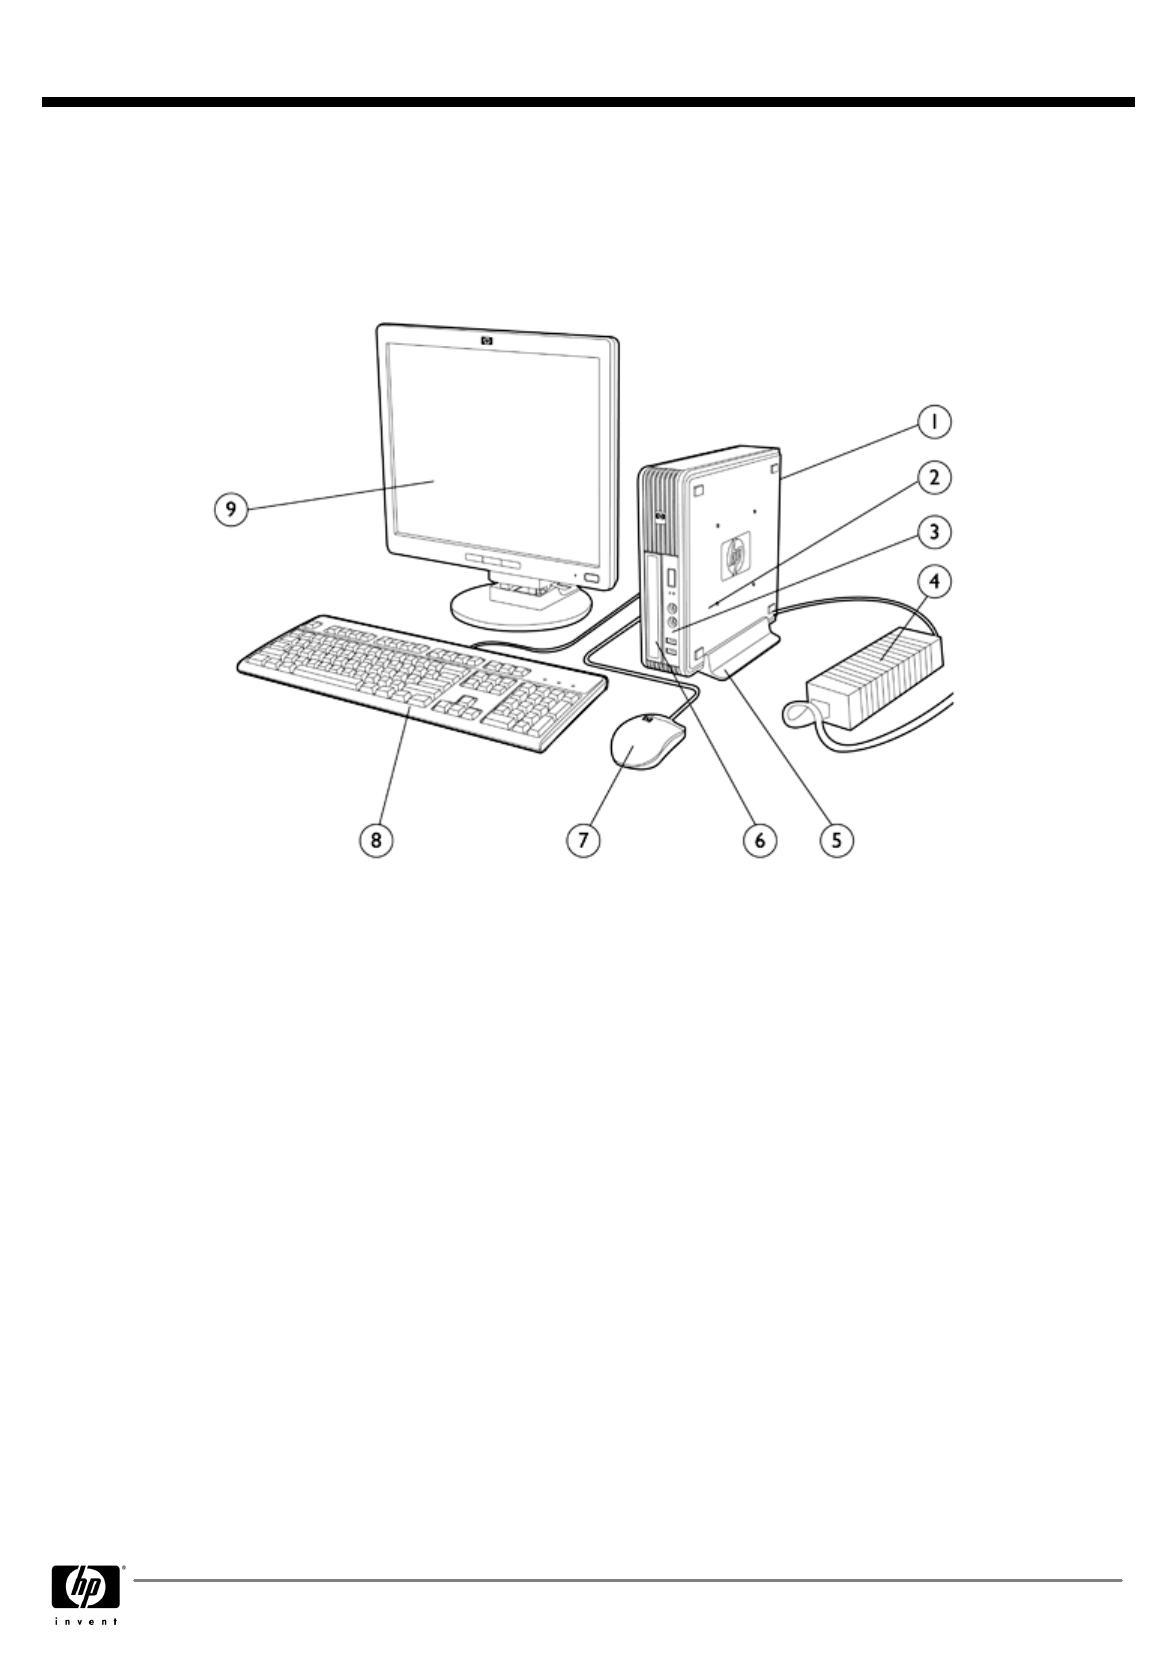 HP (Hewlett-Packard) Personal Computer dc7900 User Guide